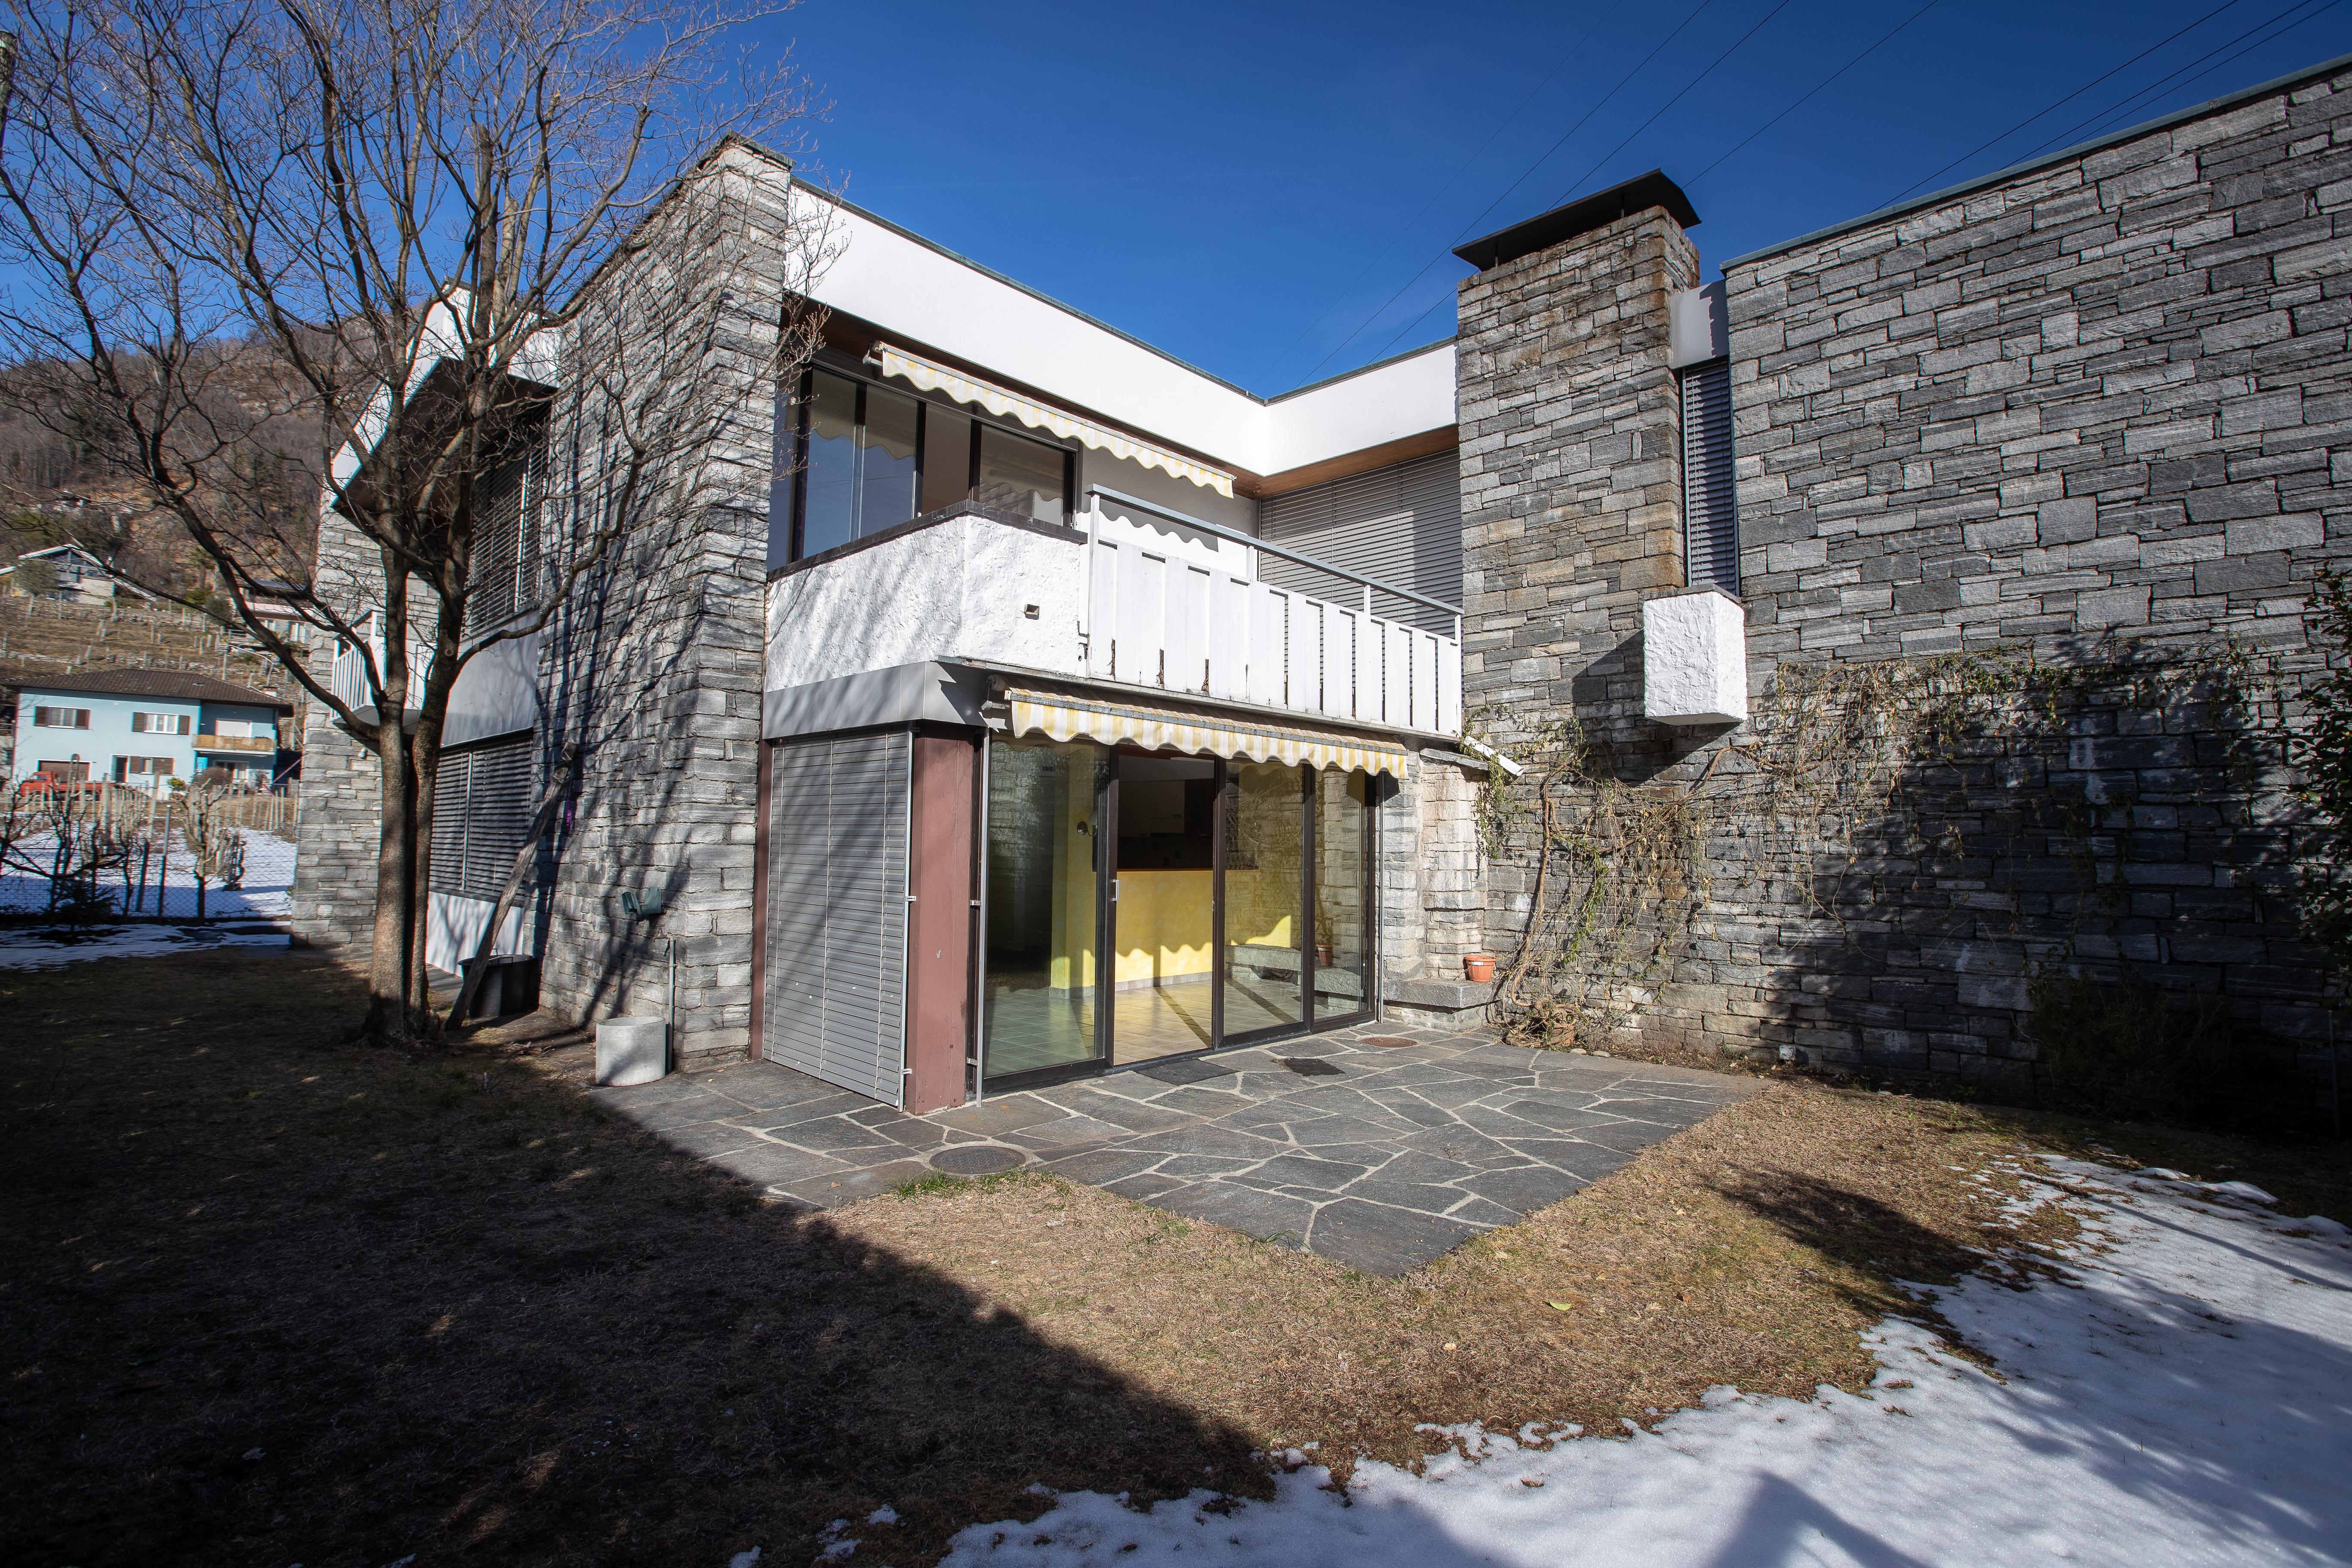 Affittansi Appartamento per vacanze 3.5 locali Verscio Terre di Pedemonte